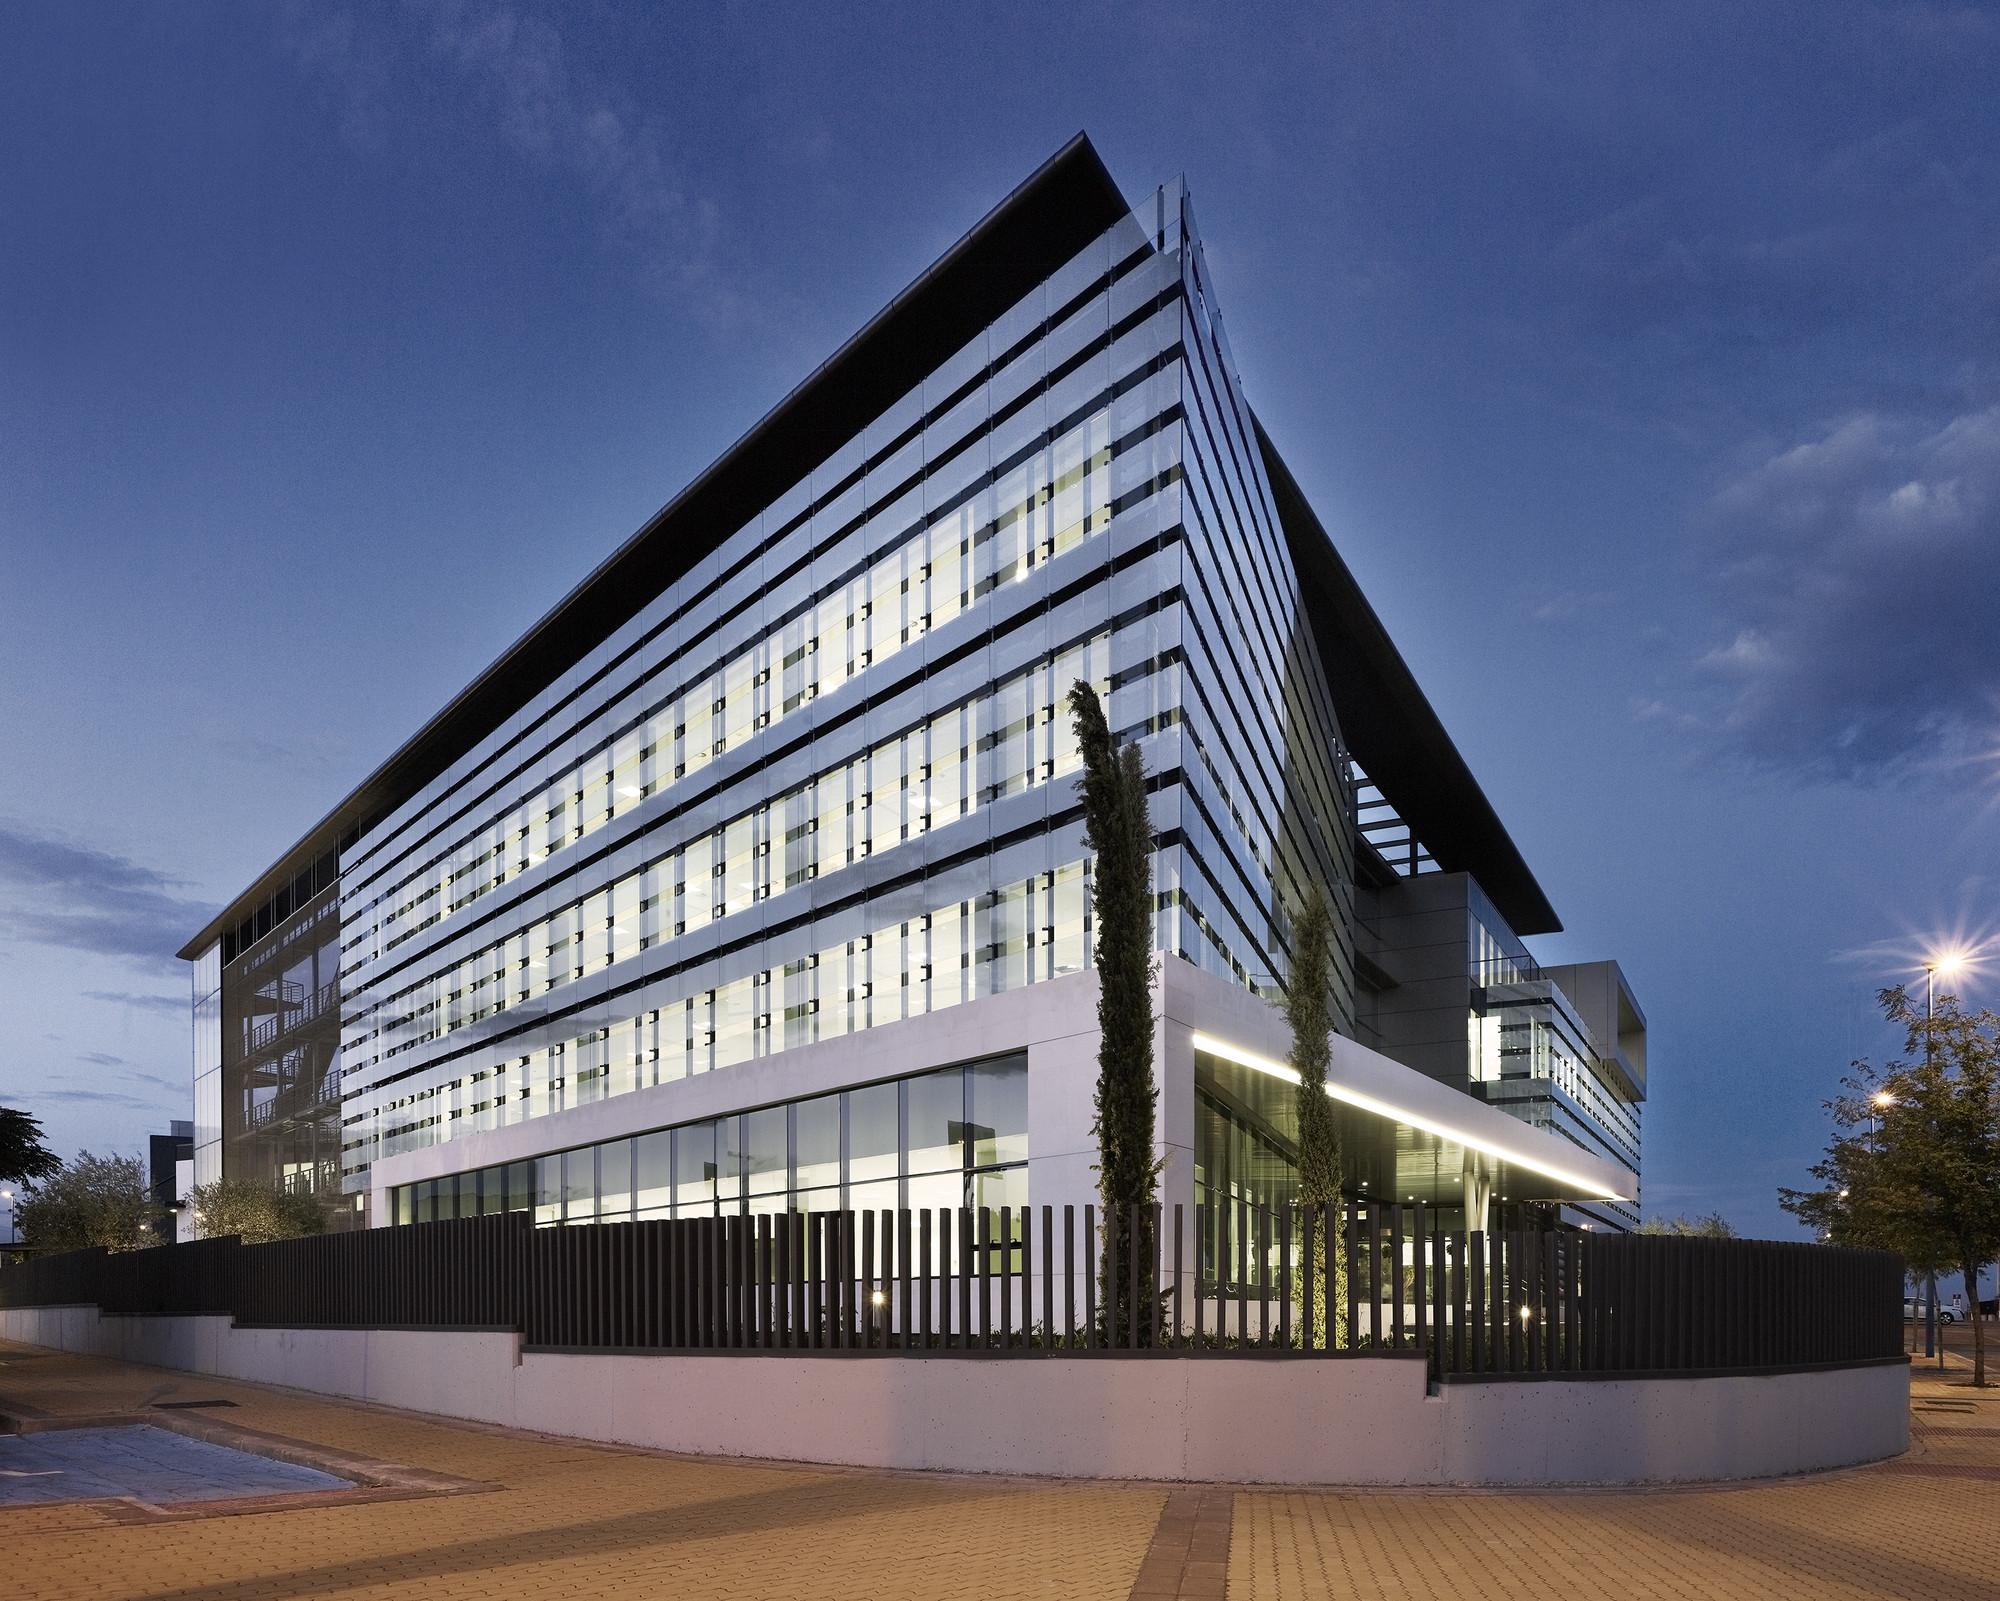 Edificio bit cora touza arquitectos plataforma for Arquitectura de hoteles